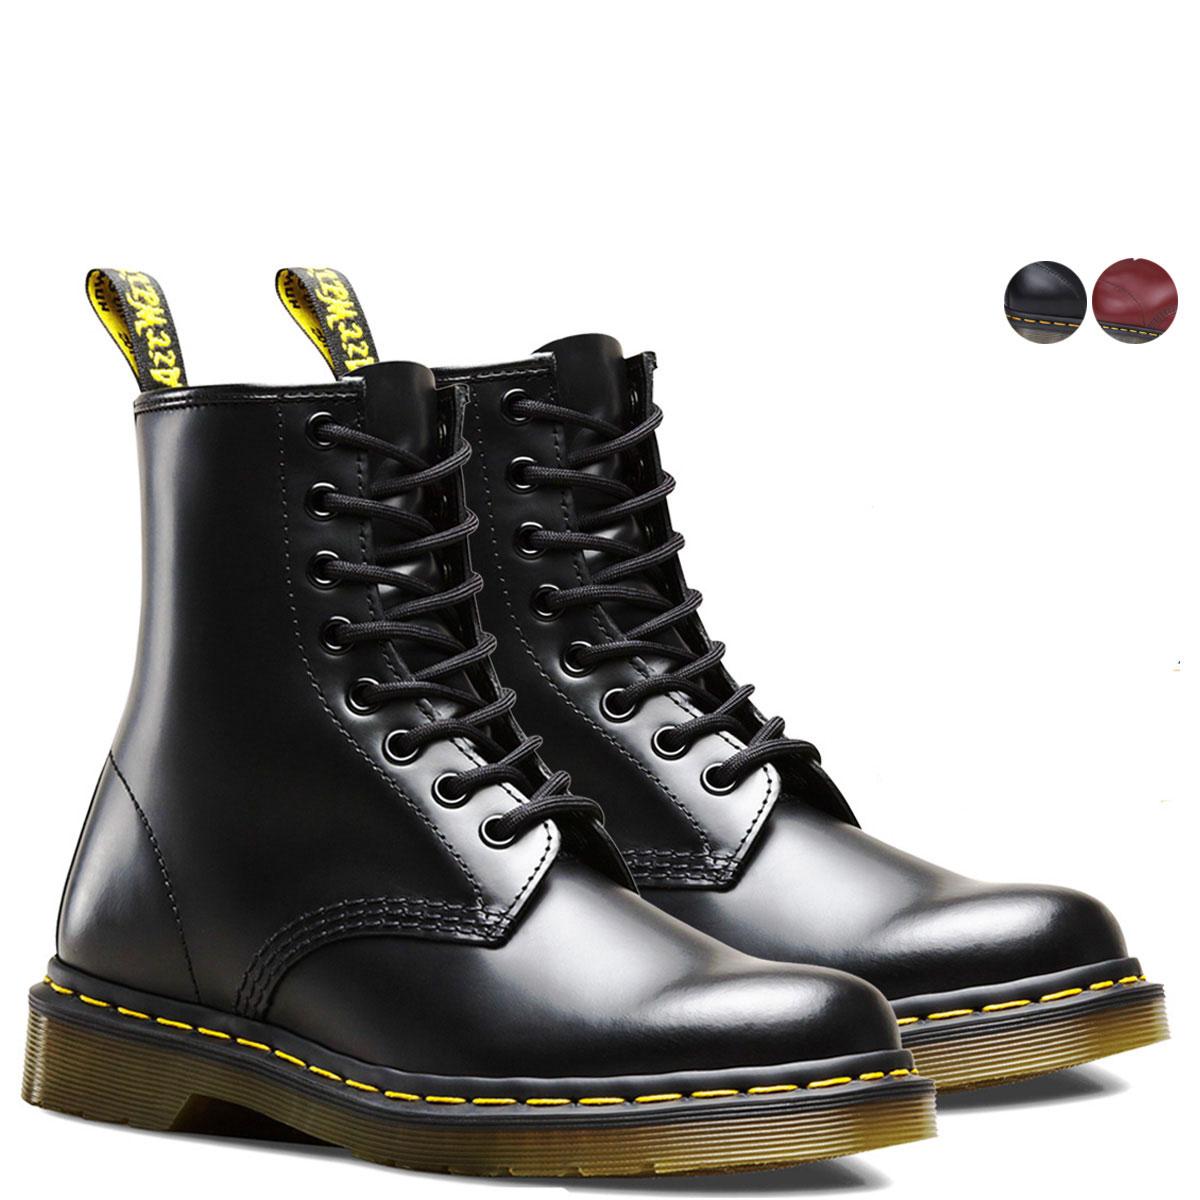 8cfb6149169a Whats up Sports: Dr.Martens Dr. Martens 1460 8 hole boots 8 EYE BOOT  11822006 11822600 men women | Rakuten Global Market